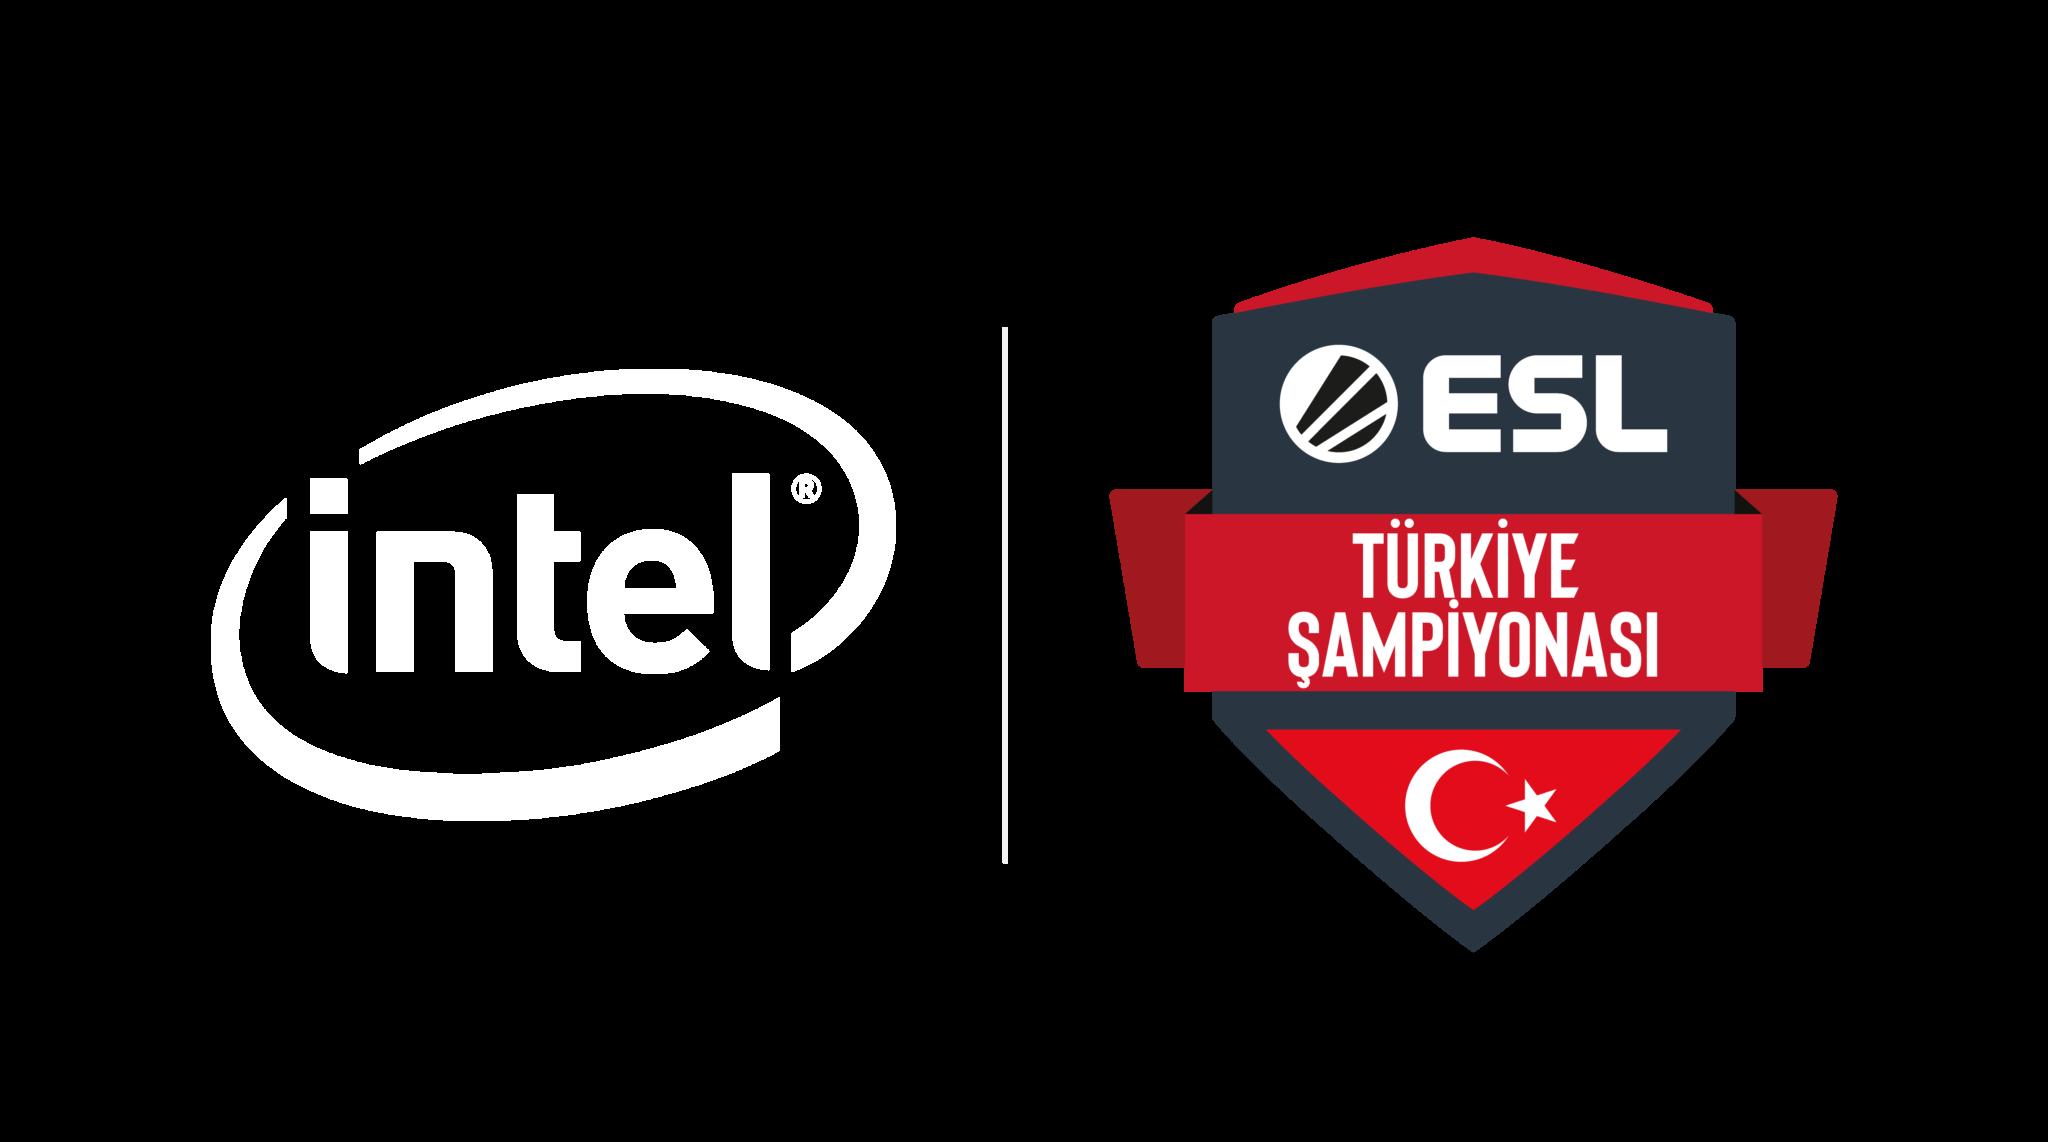 Intel ESL Türkiye Şampiyonası